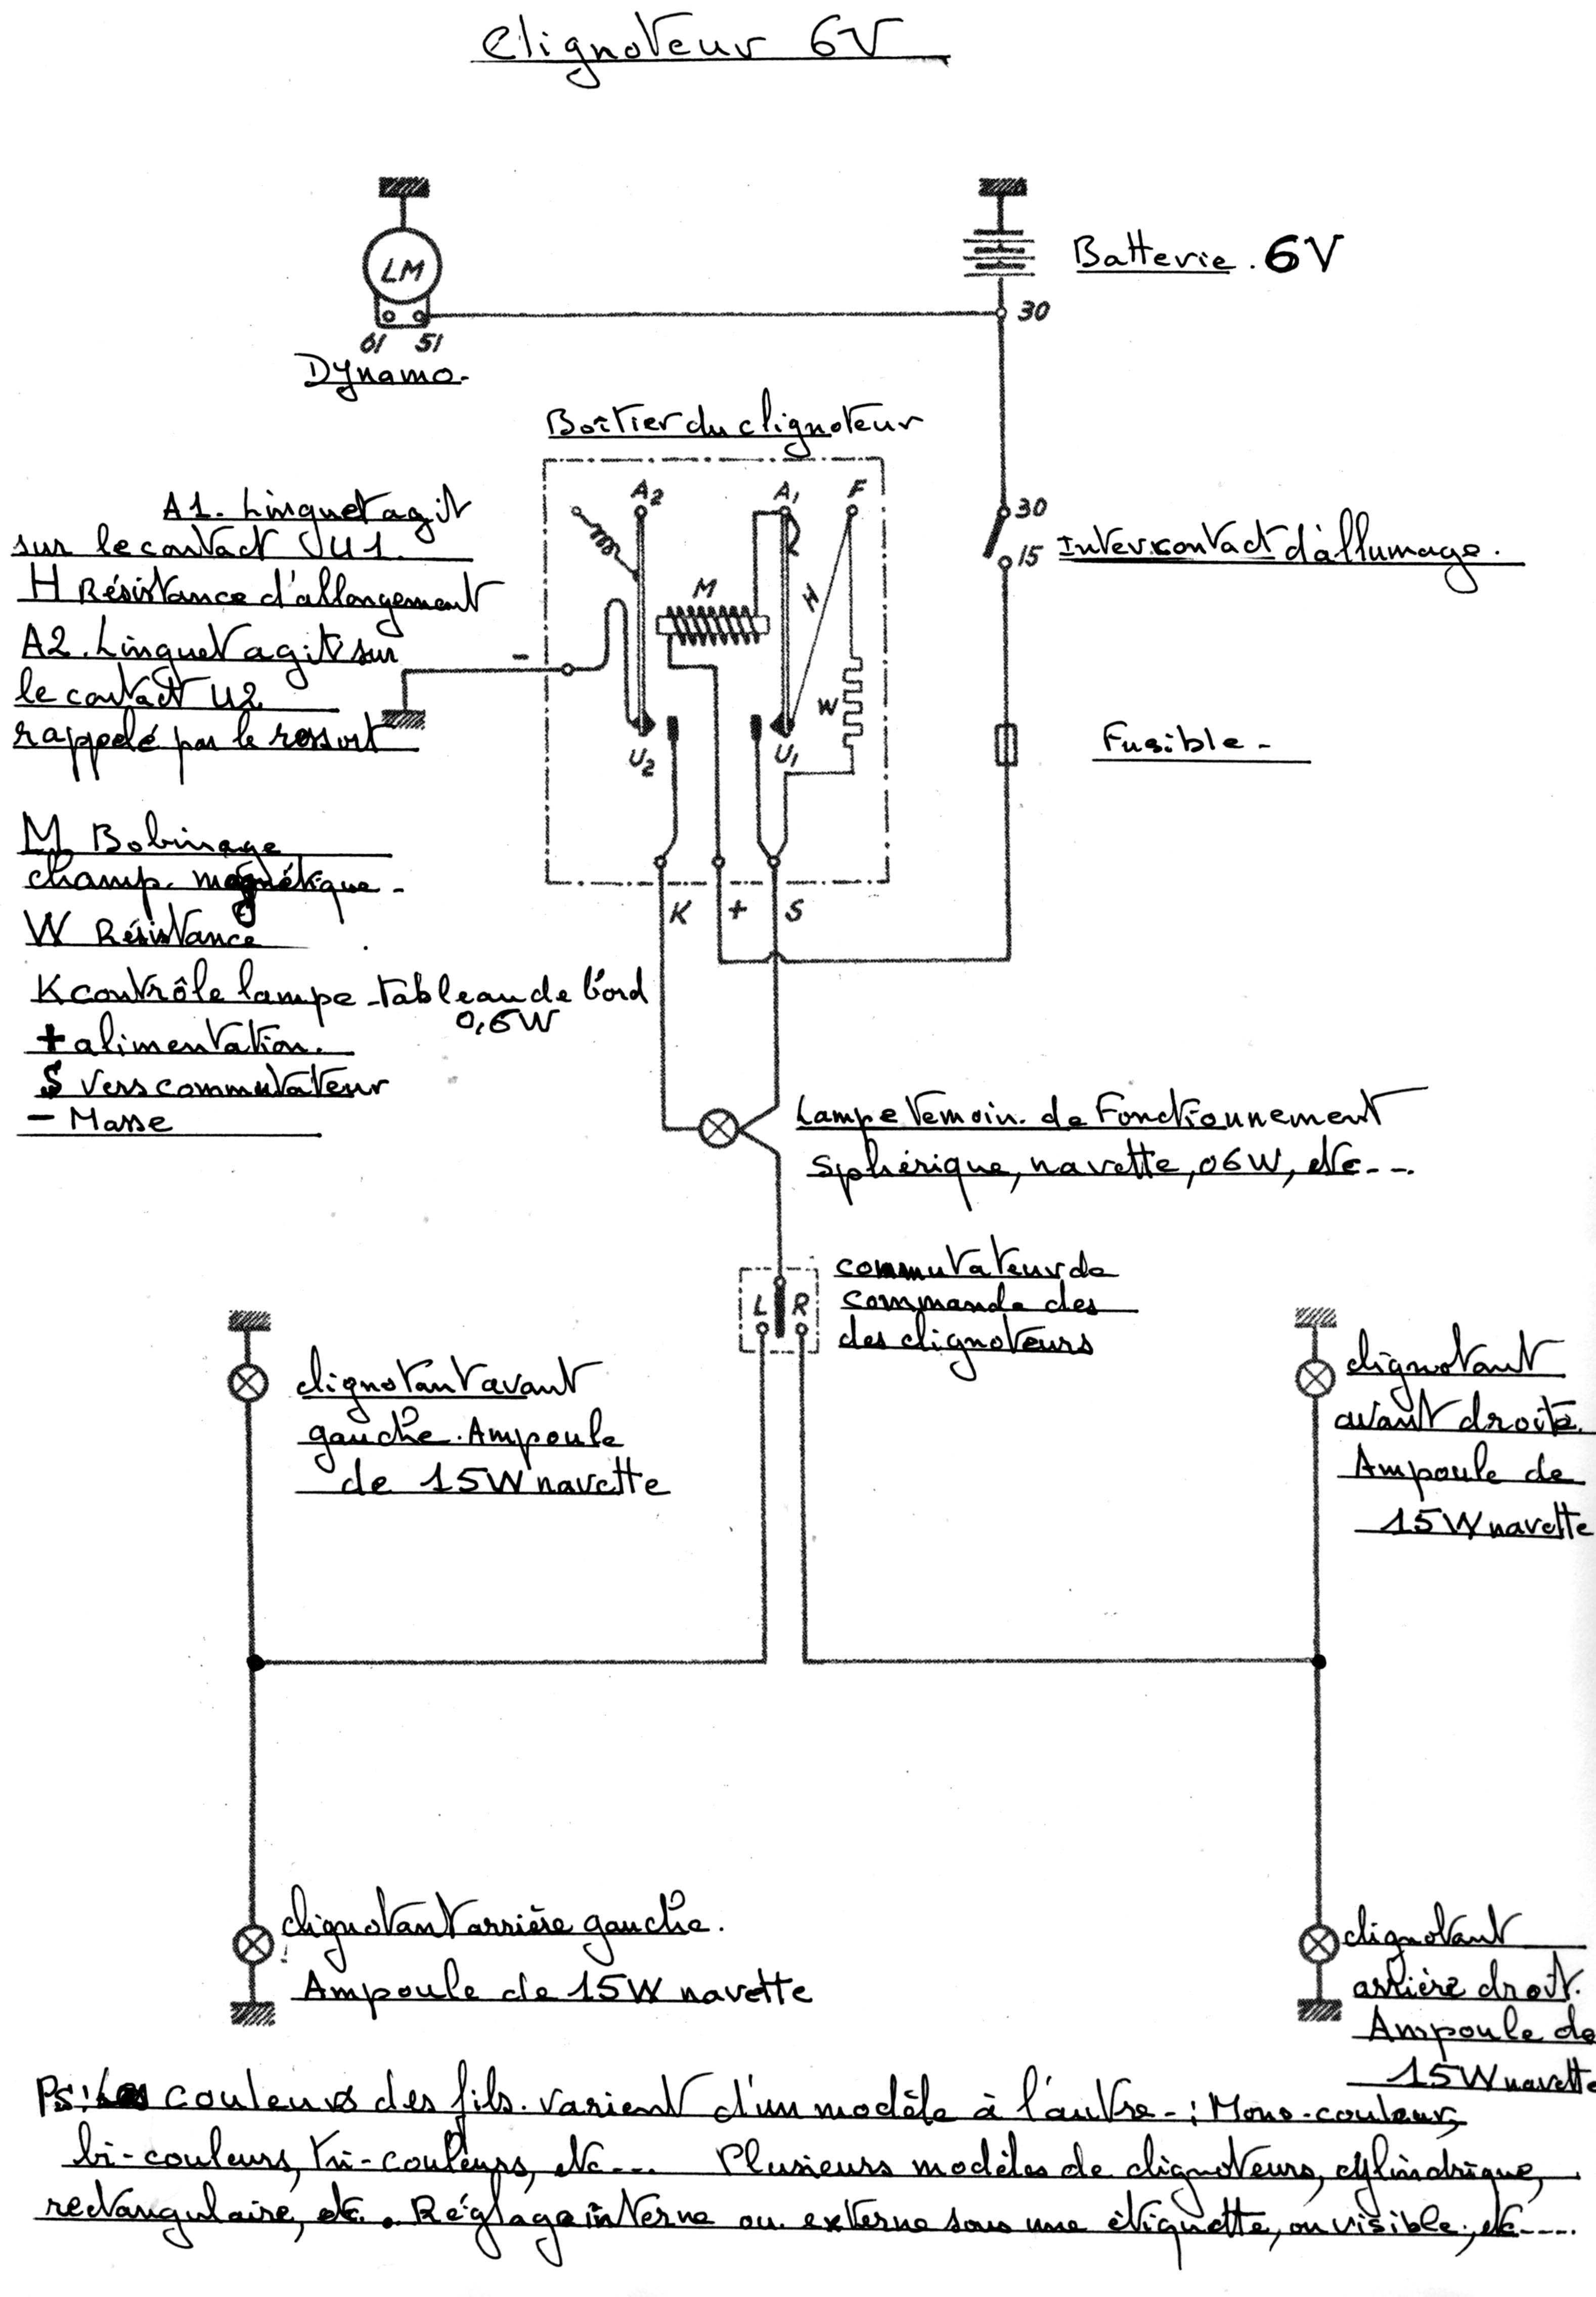 restauration moteur ancien opel des années 60 Clignoteur_6V